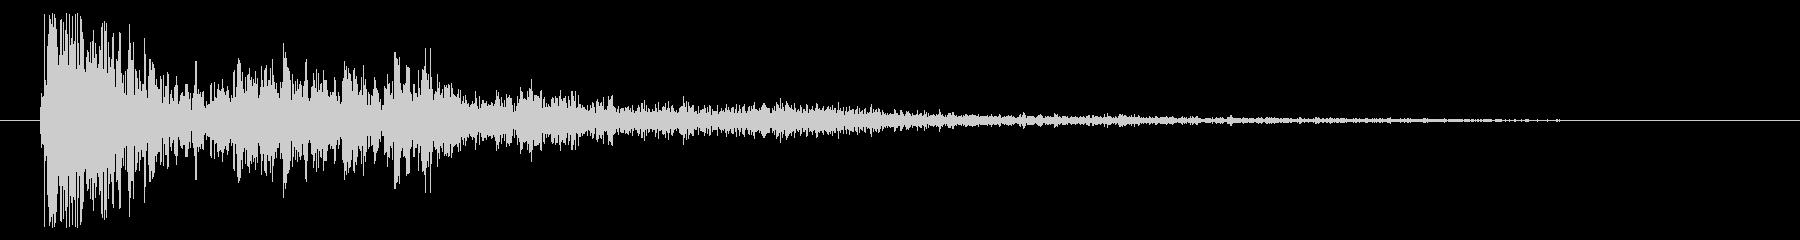 砲兵 ヘビークローズ03の未再生の波形